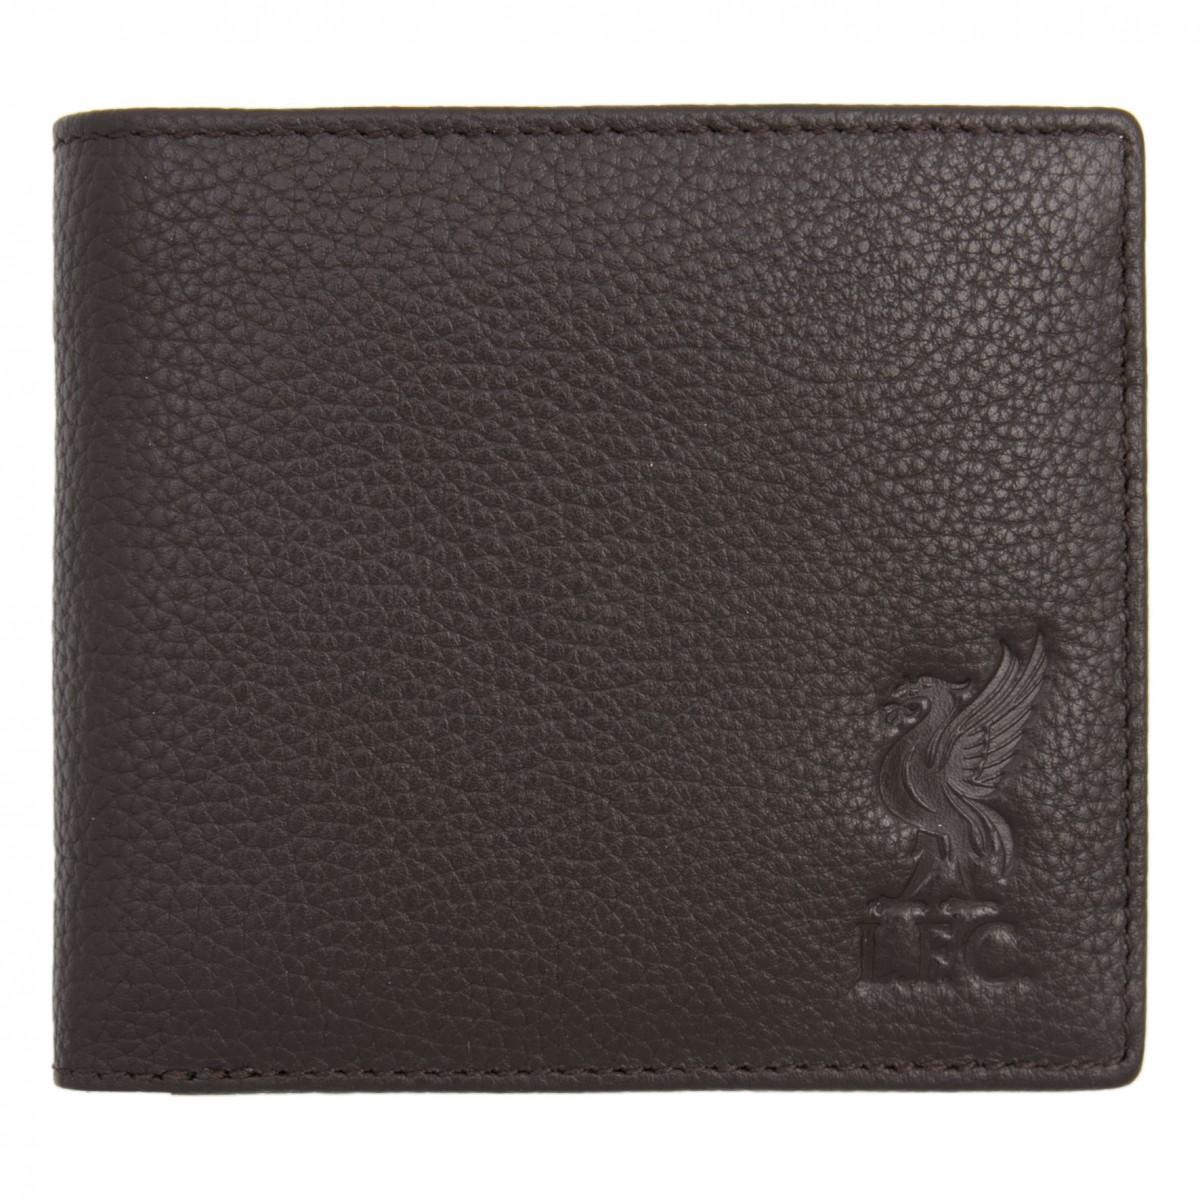 กระเป๋าสตางค์ลิเวอร์พูล Brown Leather Wallet ของแท้